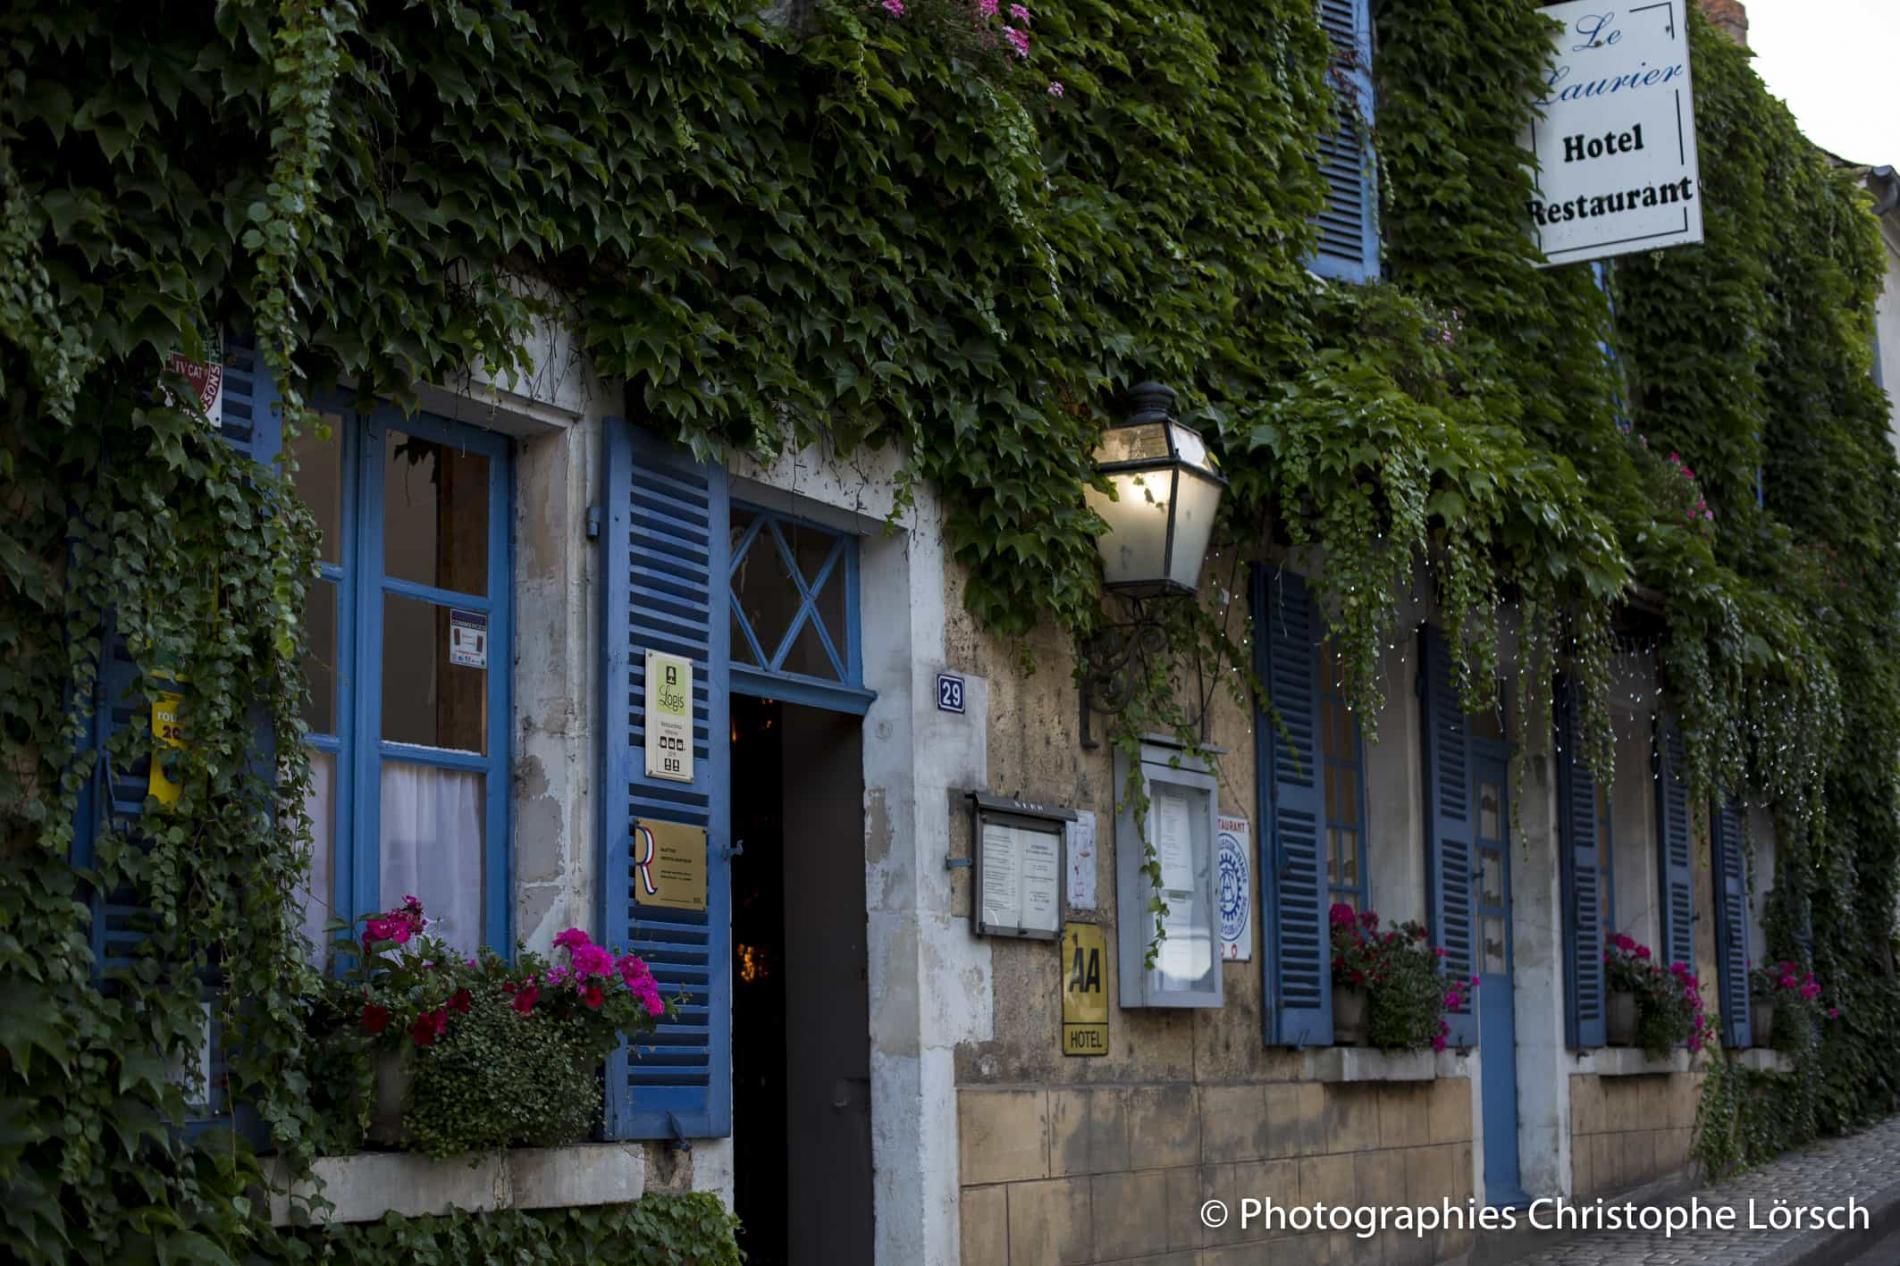 Restaurant-chambres d'hôtes ' LE LAURIER à St SATUR